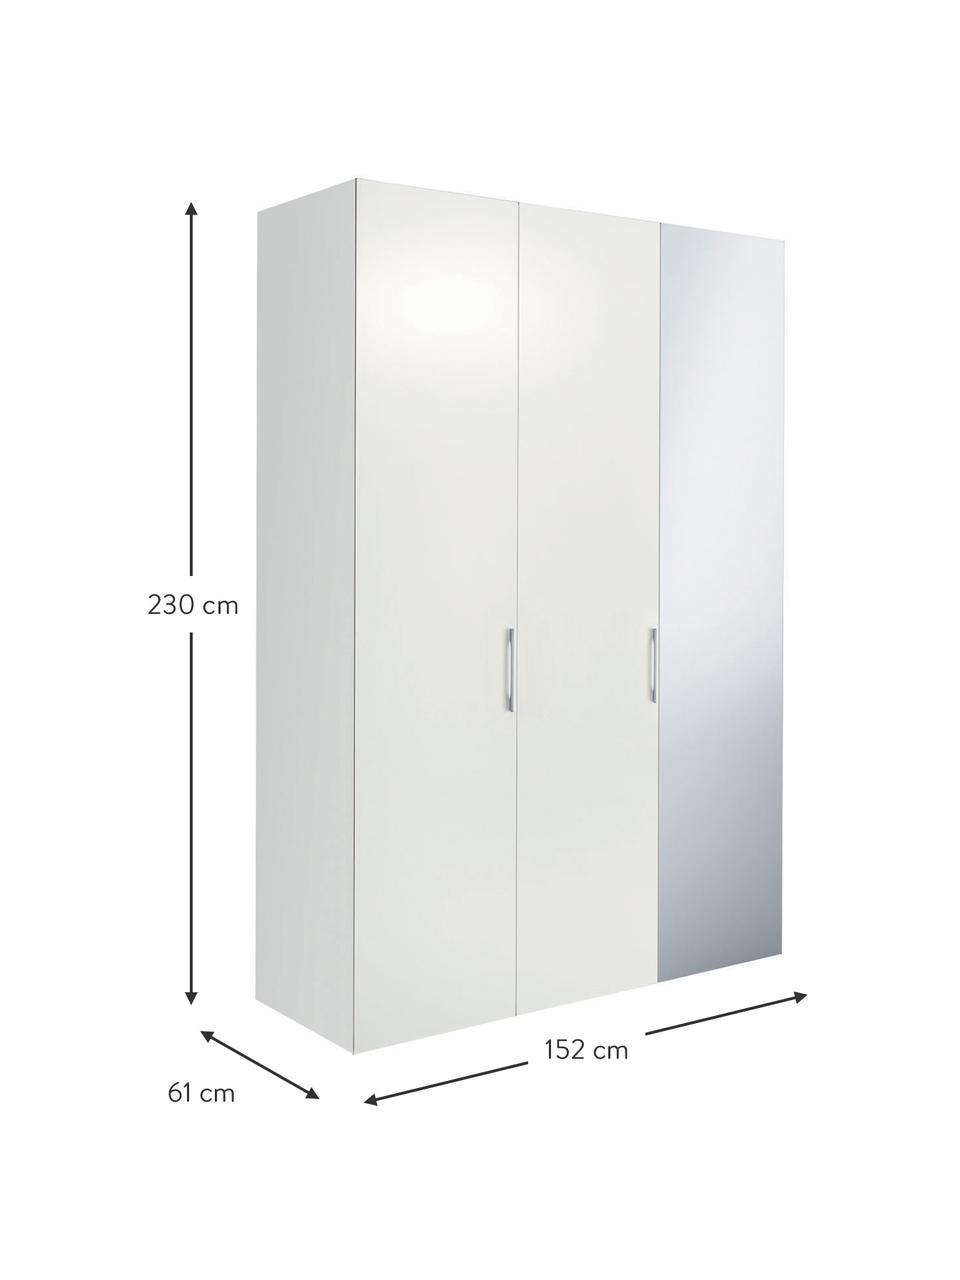 Kleiderschrank Madison 3-türig mit Spiegeltür, inkl. Montageservice, Korpus: Holzwerkstoffplatten, lac, Weiß, Mit Spiegeltür, 152 x 230 cm